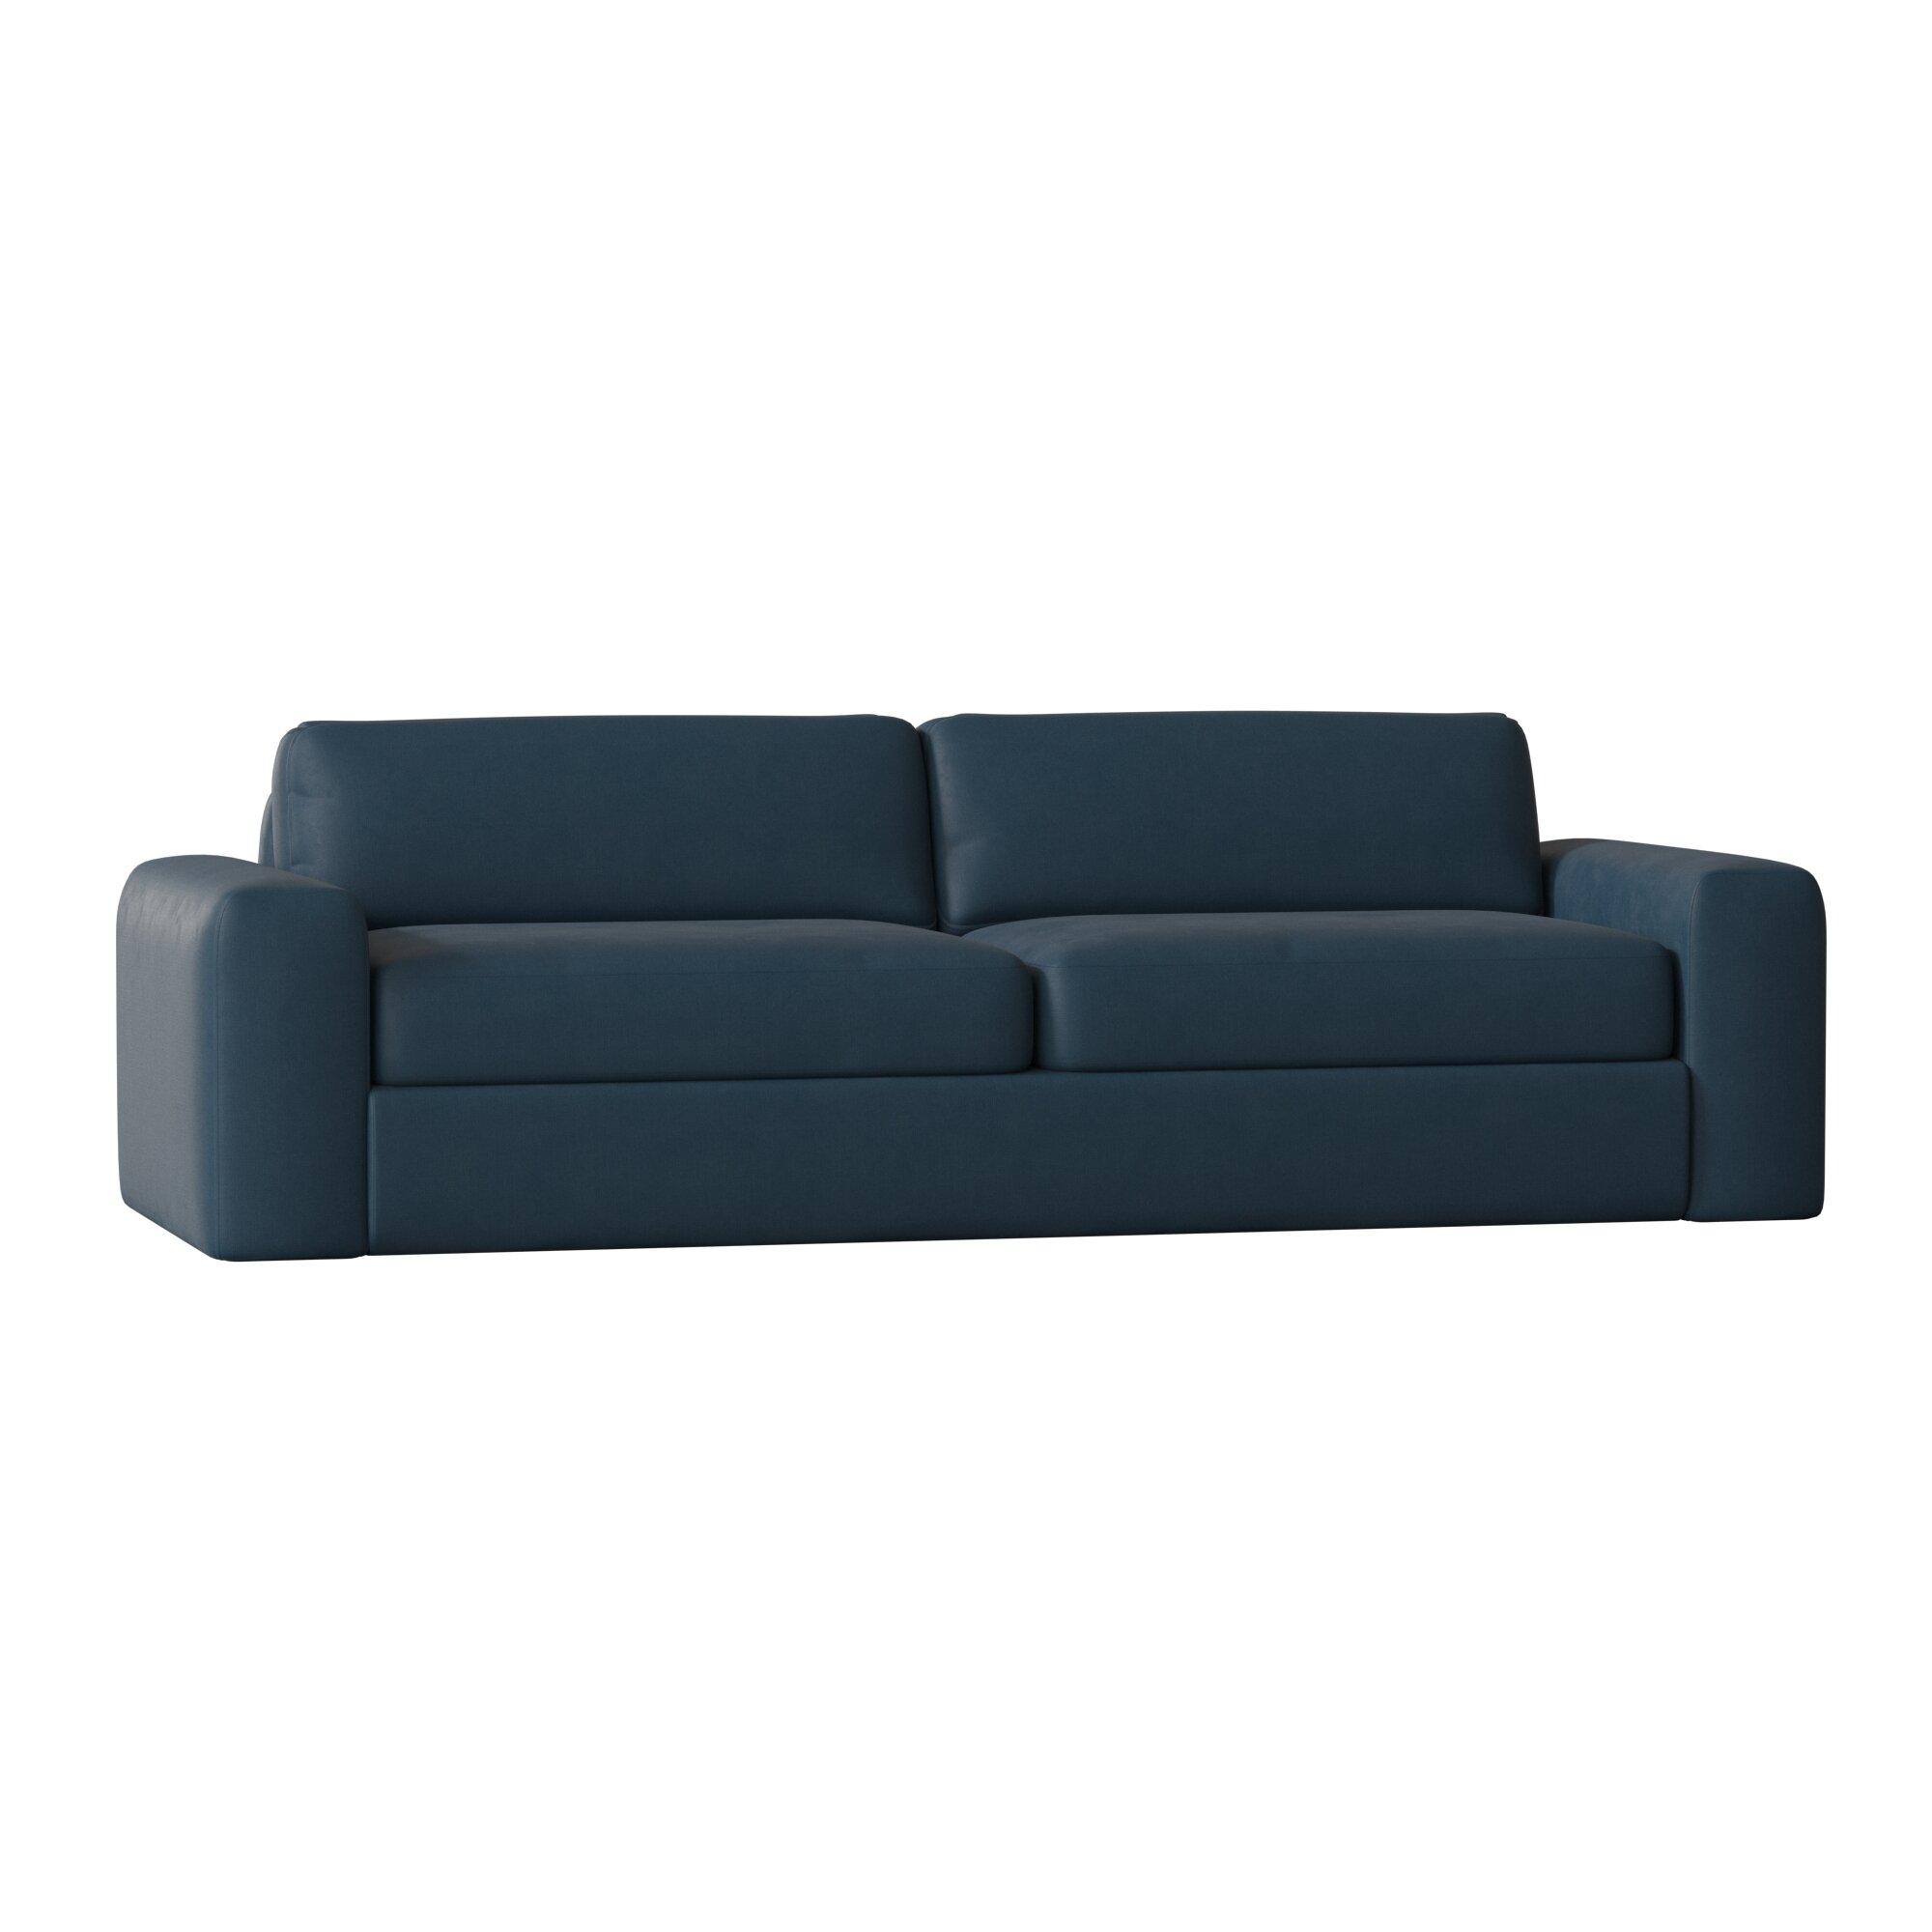 Benchmade modern couch potato sofa wayfair